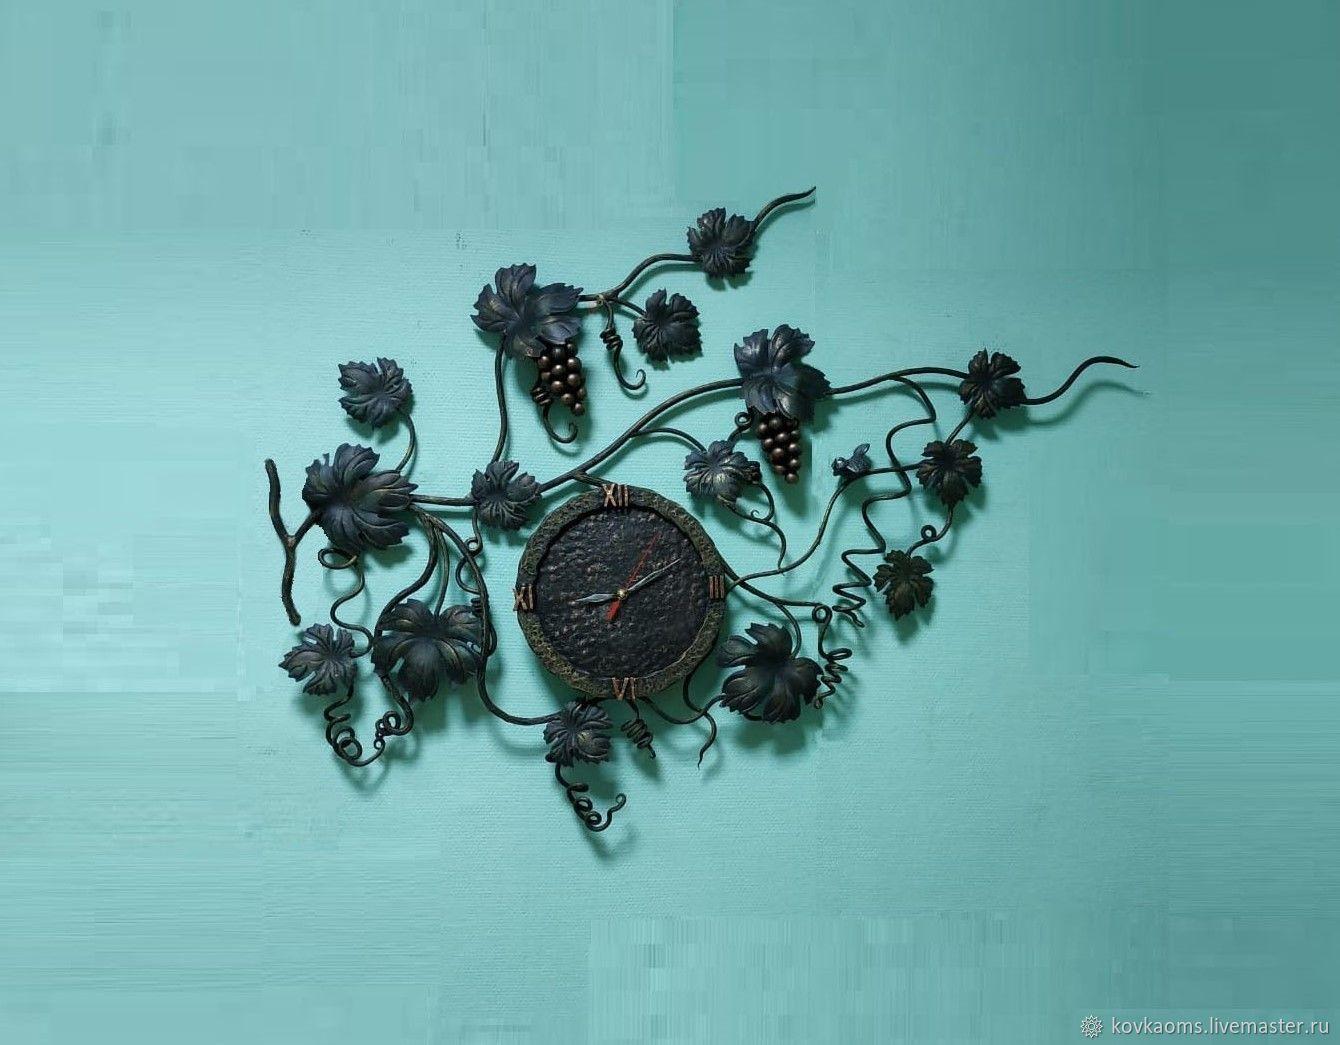 Кованые часы Виноградная лоза, Часы, Москва, Фото №1